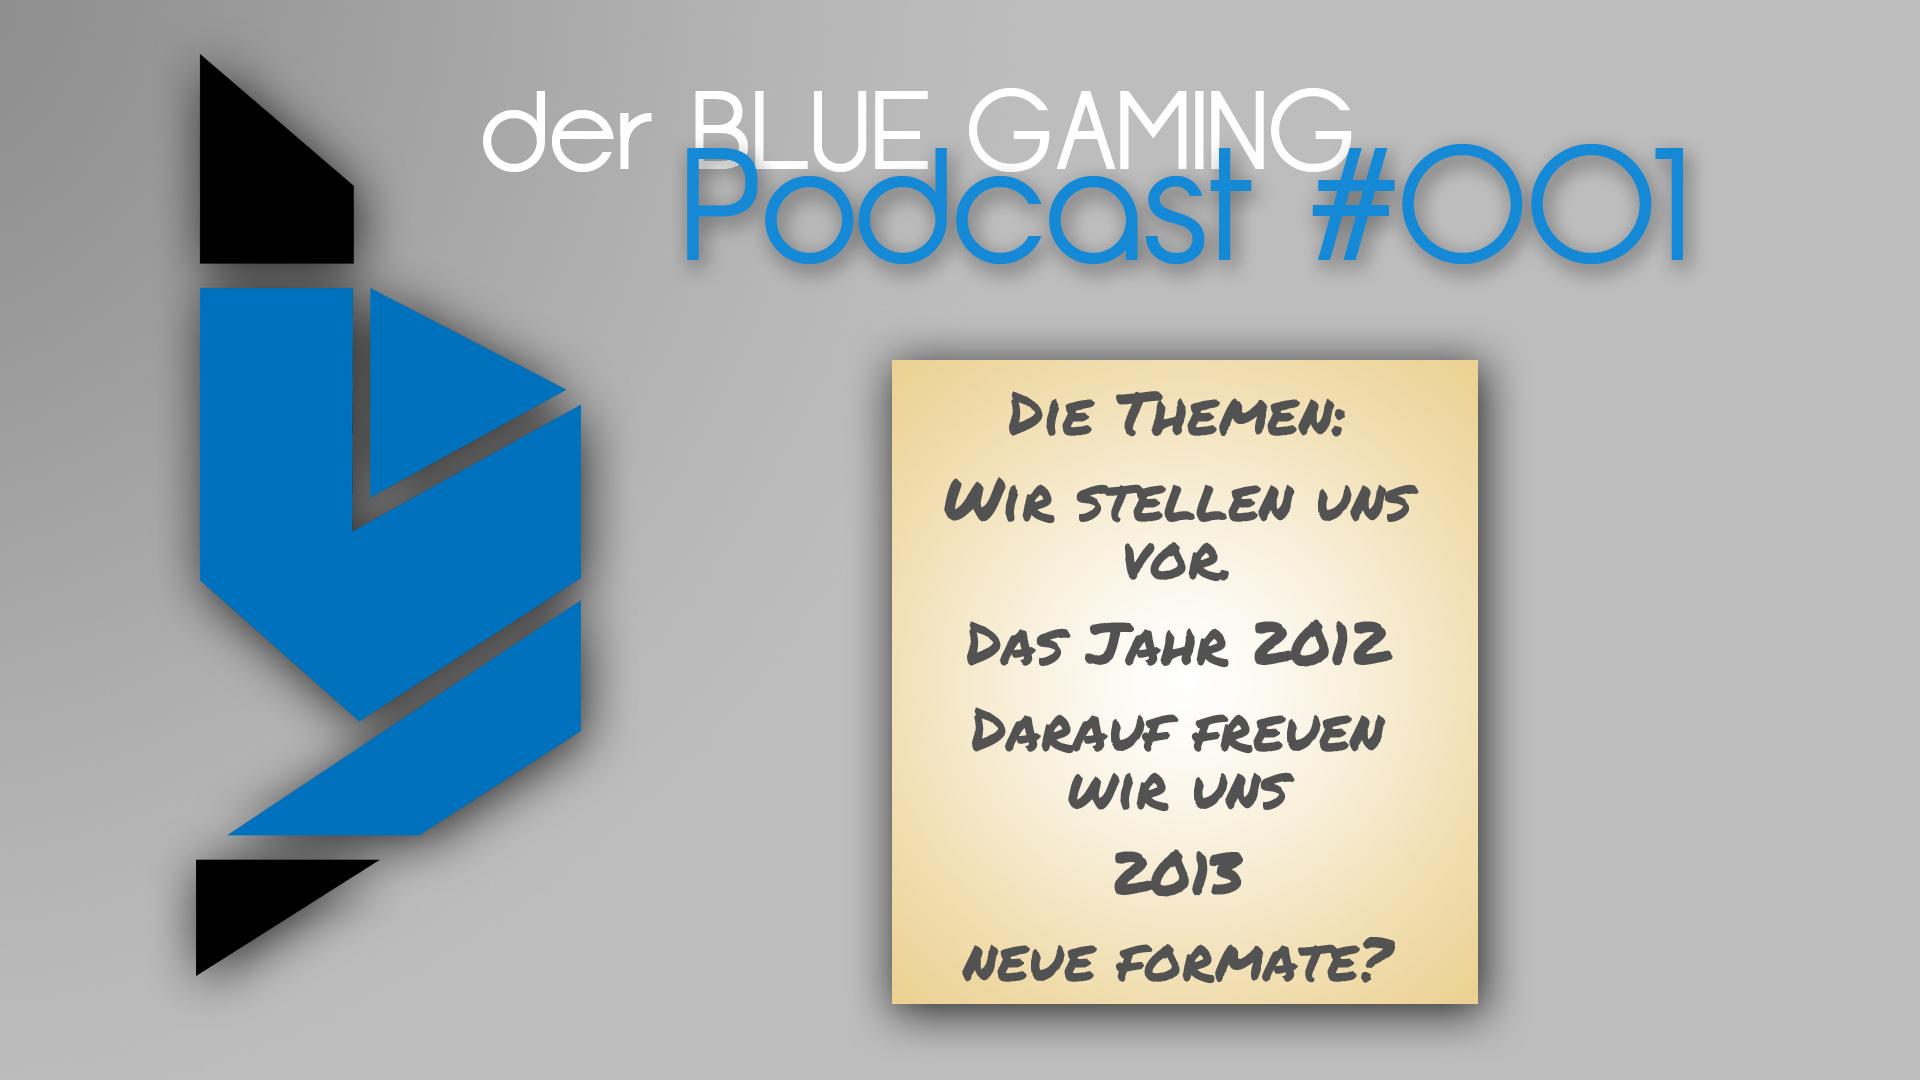 Der BLUE GAMING Podcast #001